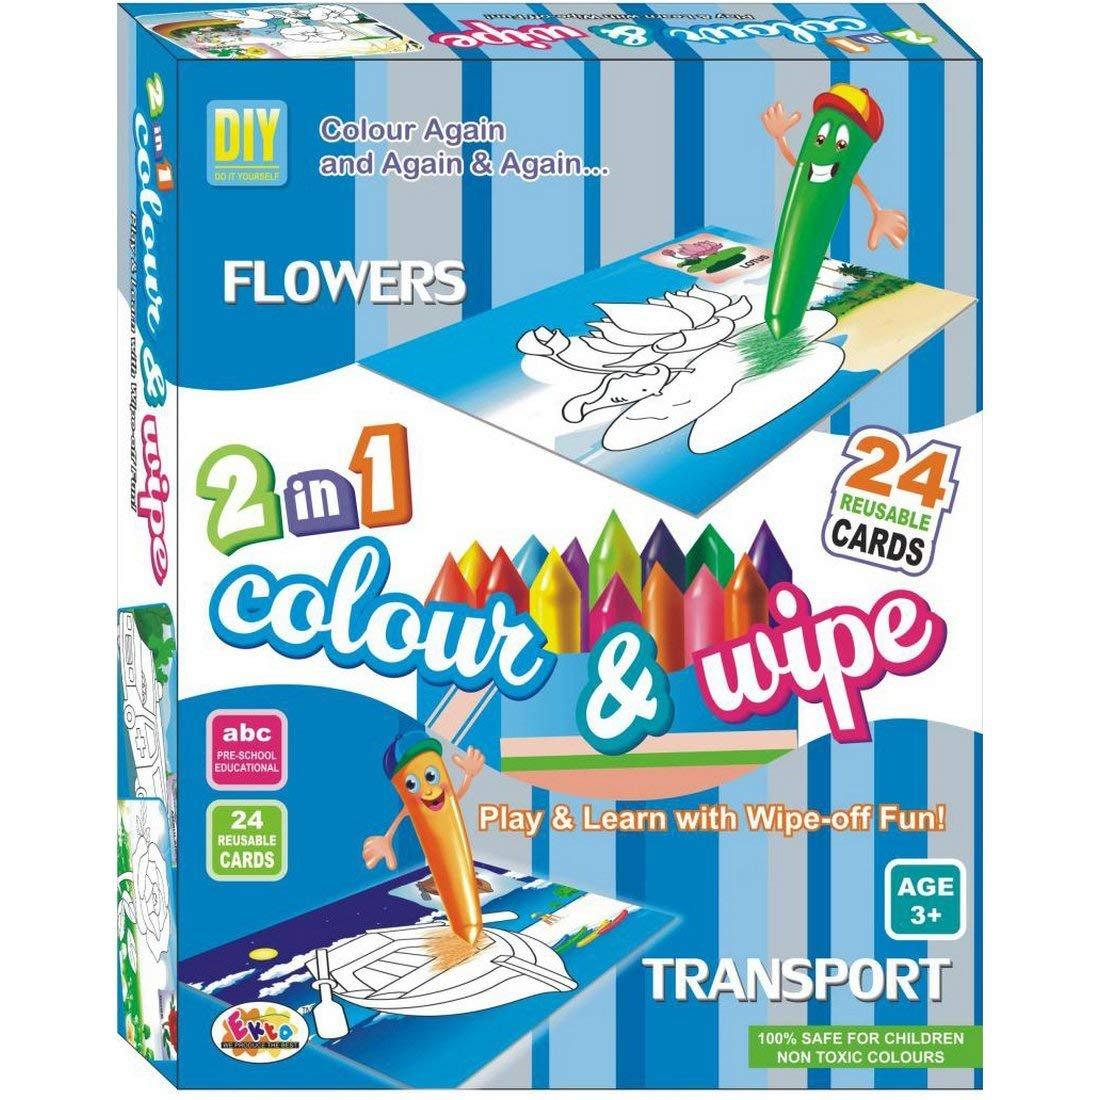 Buy Art Bundle 2 in 1 Large Color & Wipe Flower Kit | Preschool ...